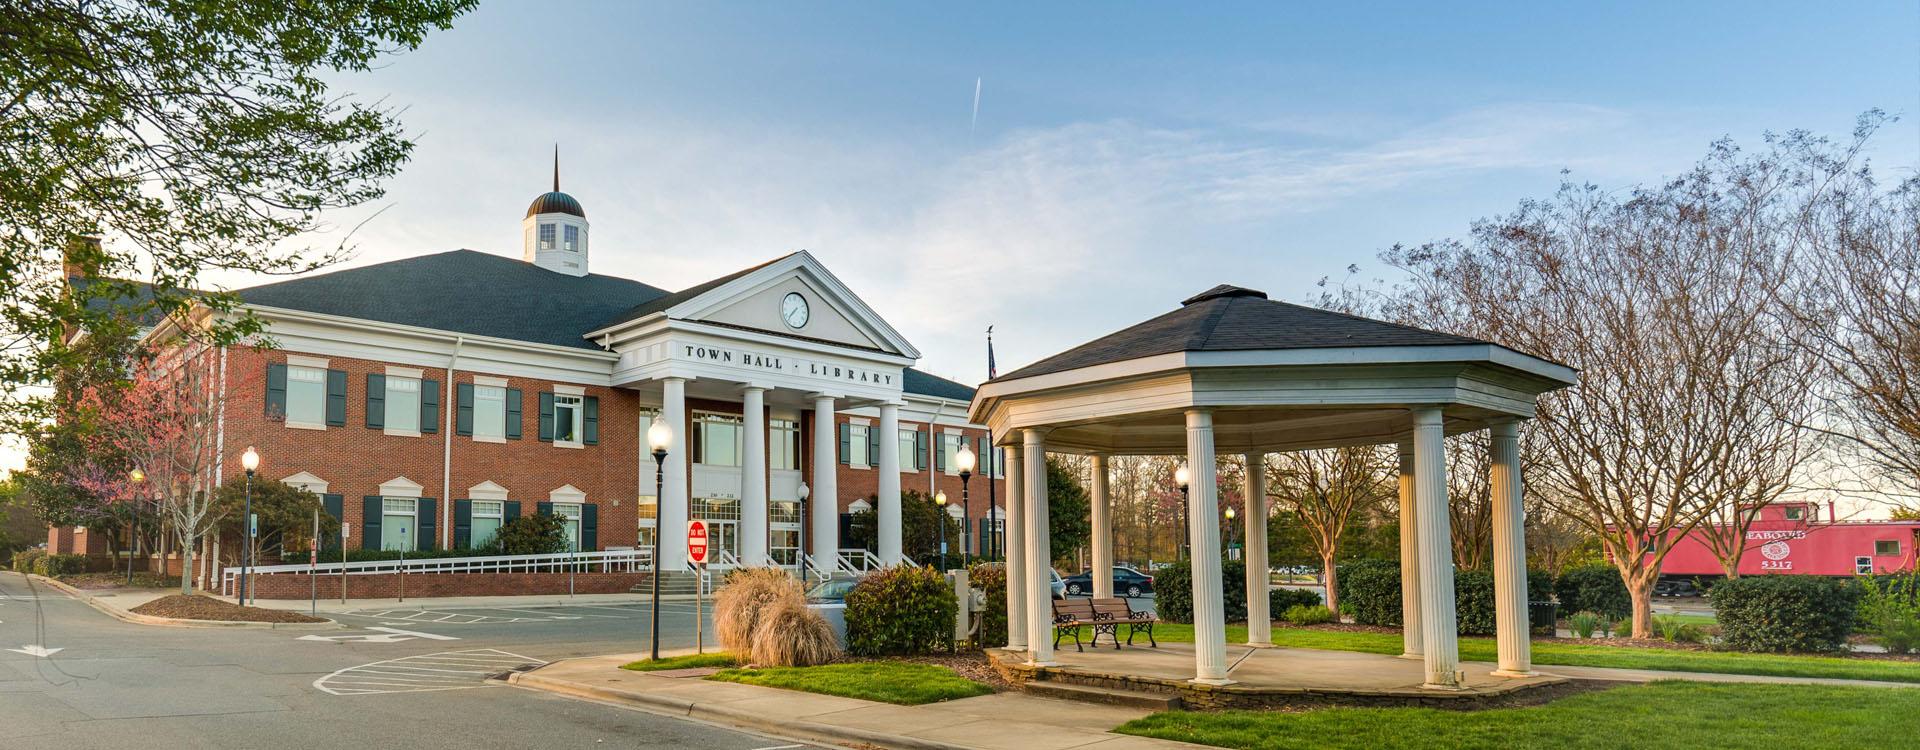 Matthews, NC Court House